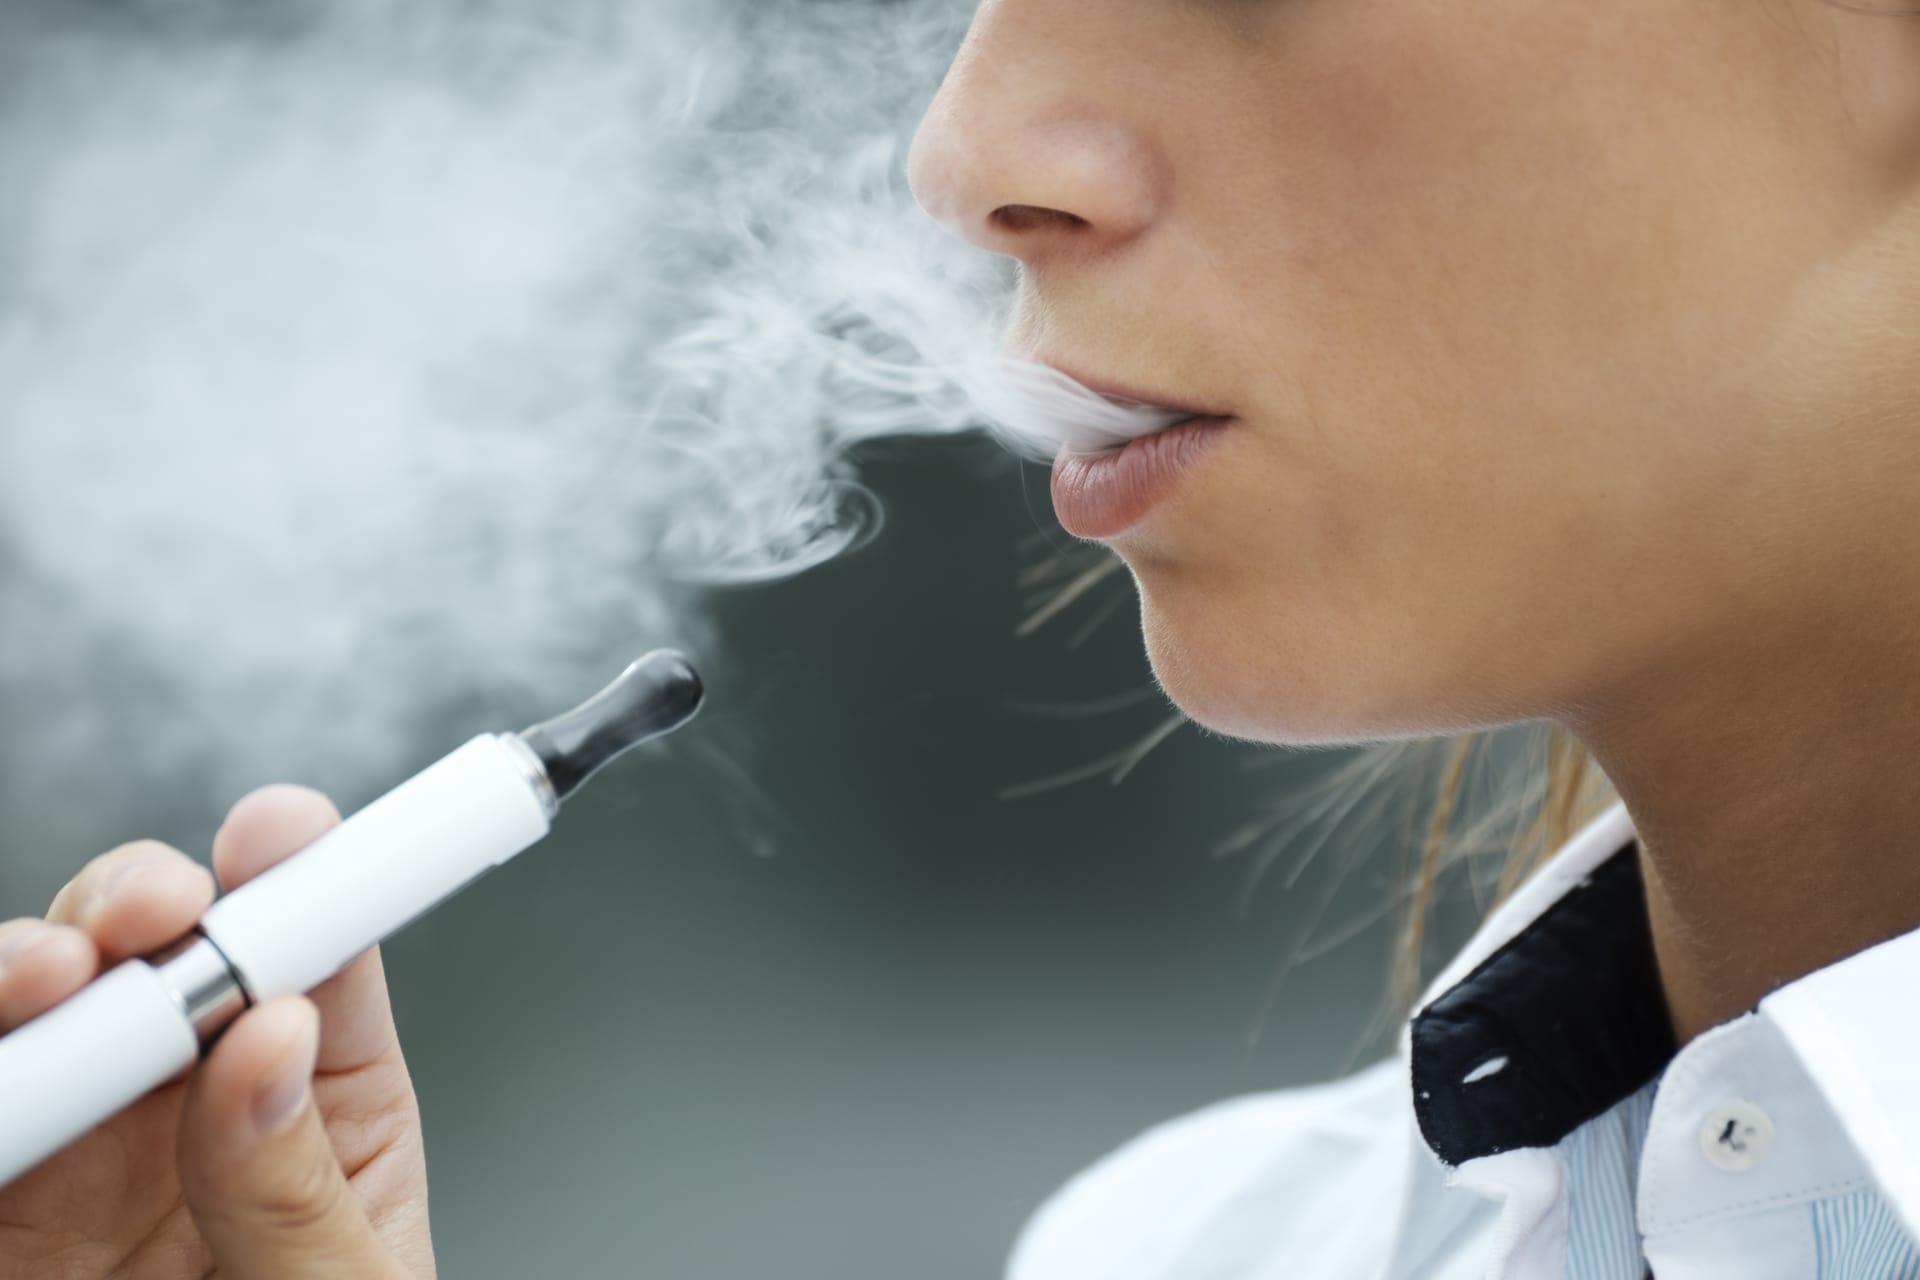 Vapor Smoke versus Real Smoke